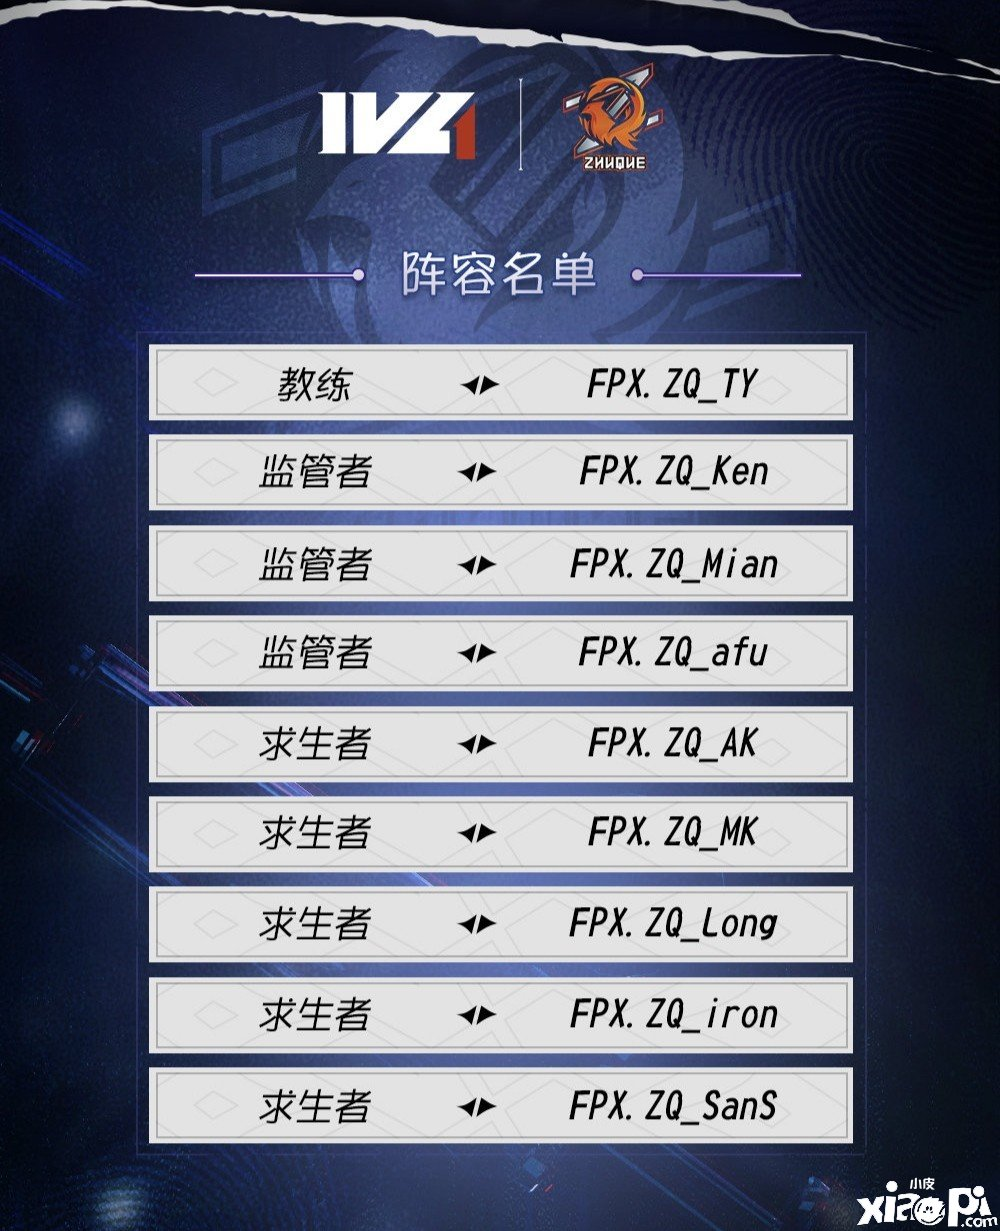 第五人格:IVL夏季赛大名单公布,哪支队伍将成为最大黑马?